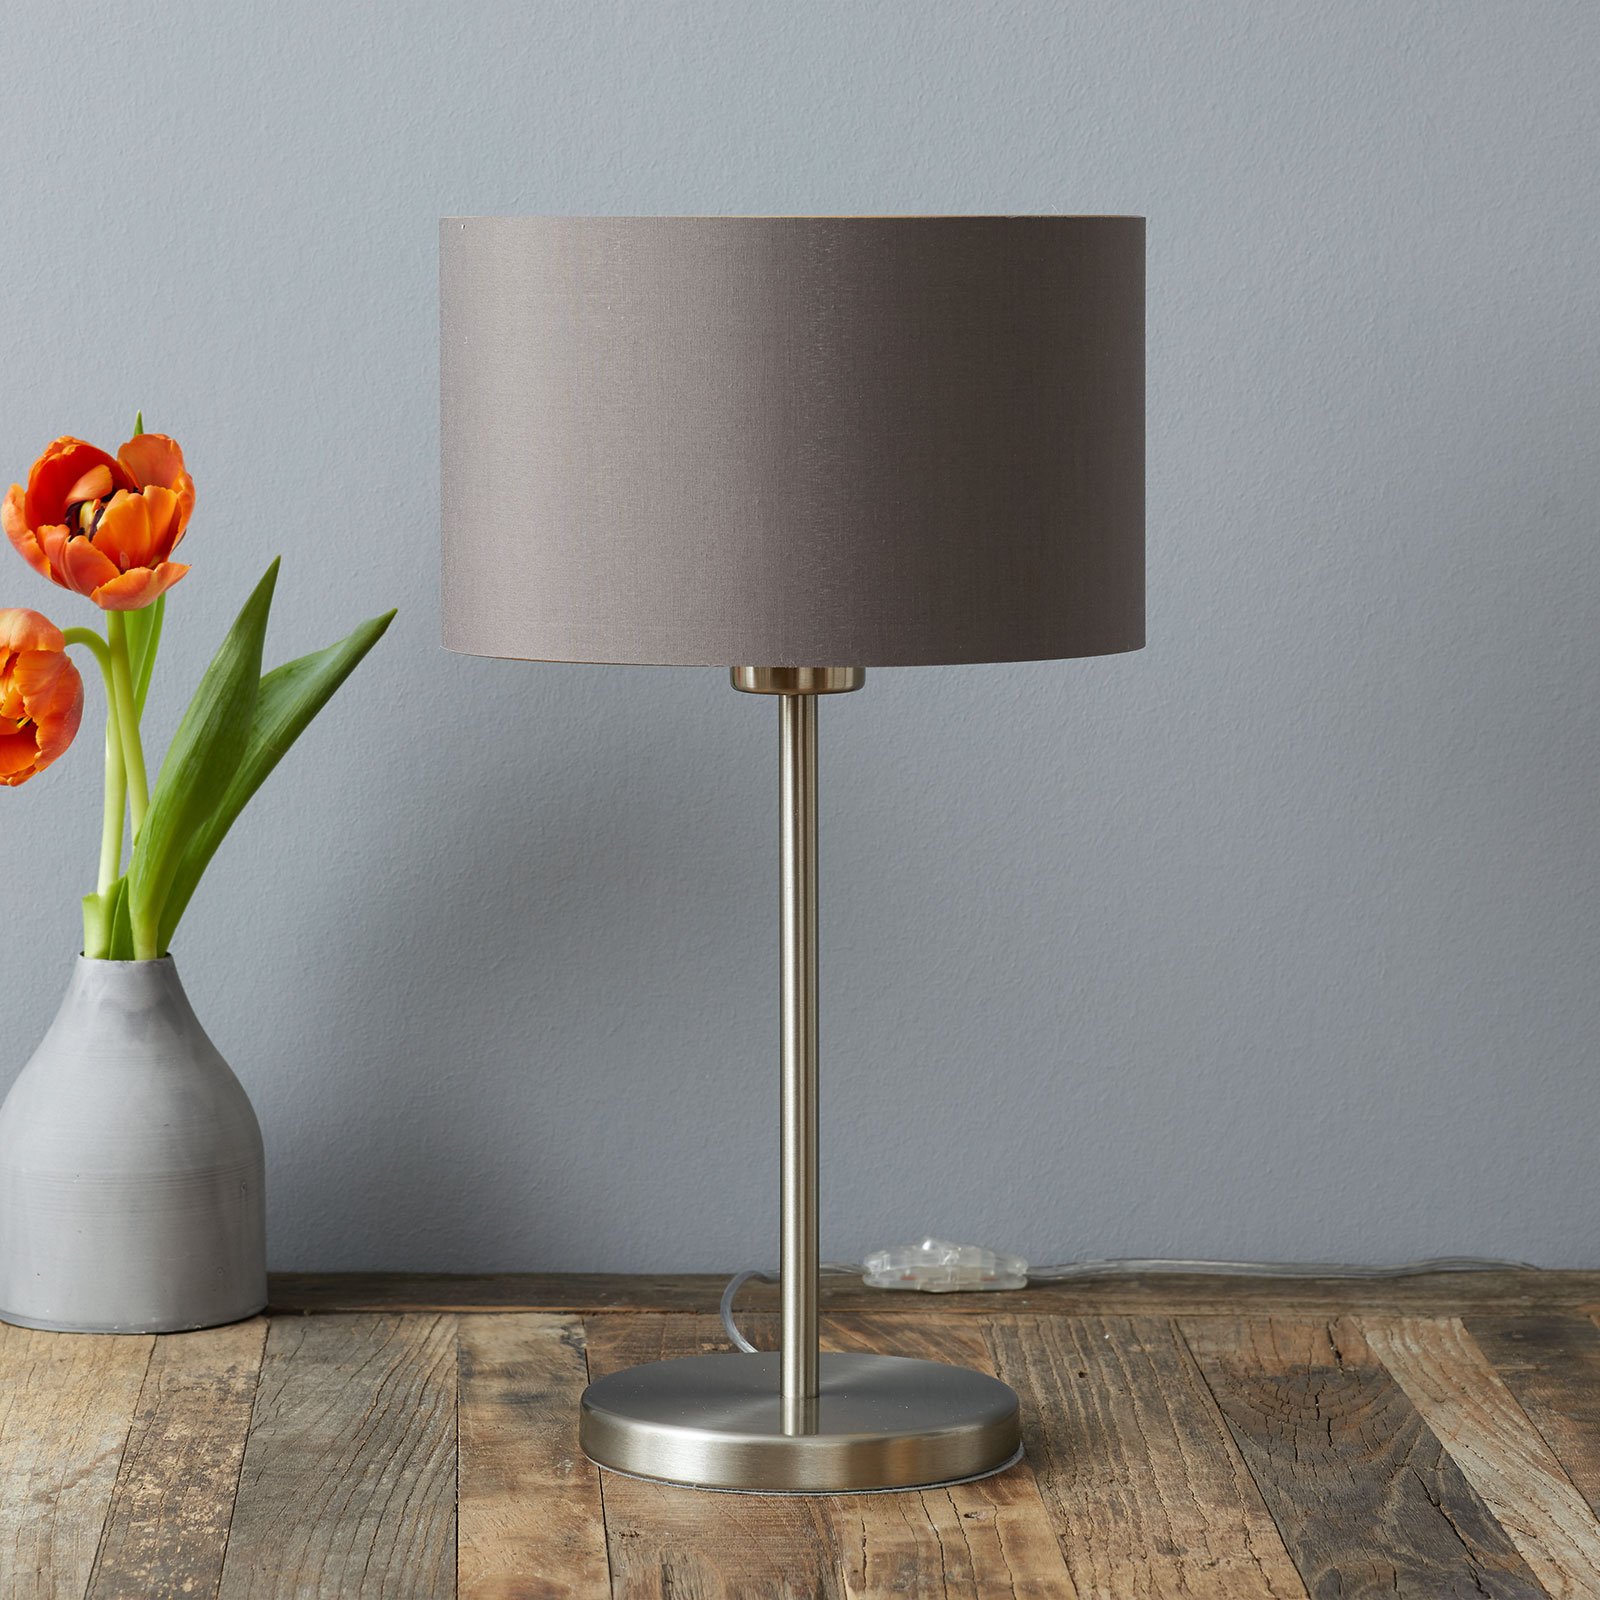 Elegante lampada da tavolo Carpi schermo di stoffa